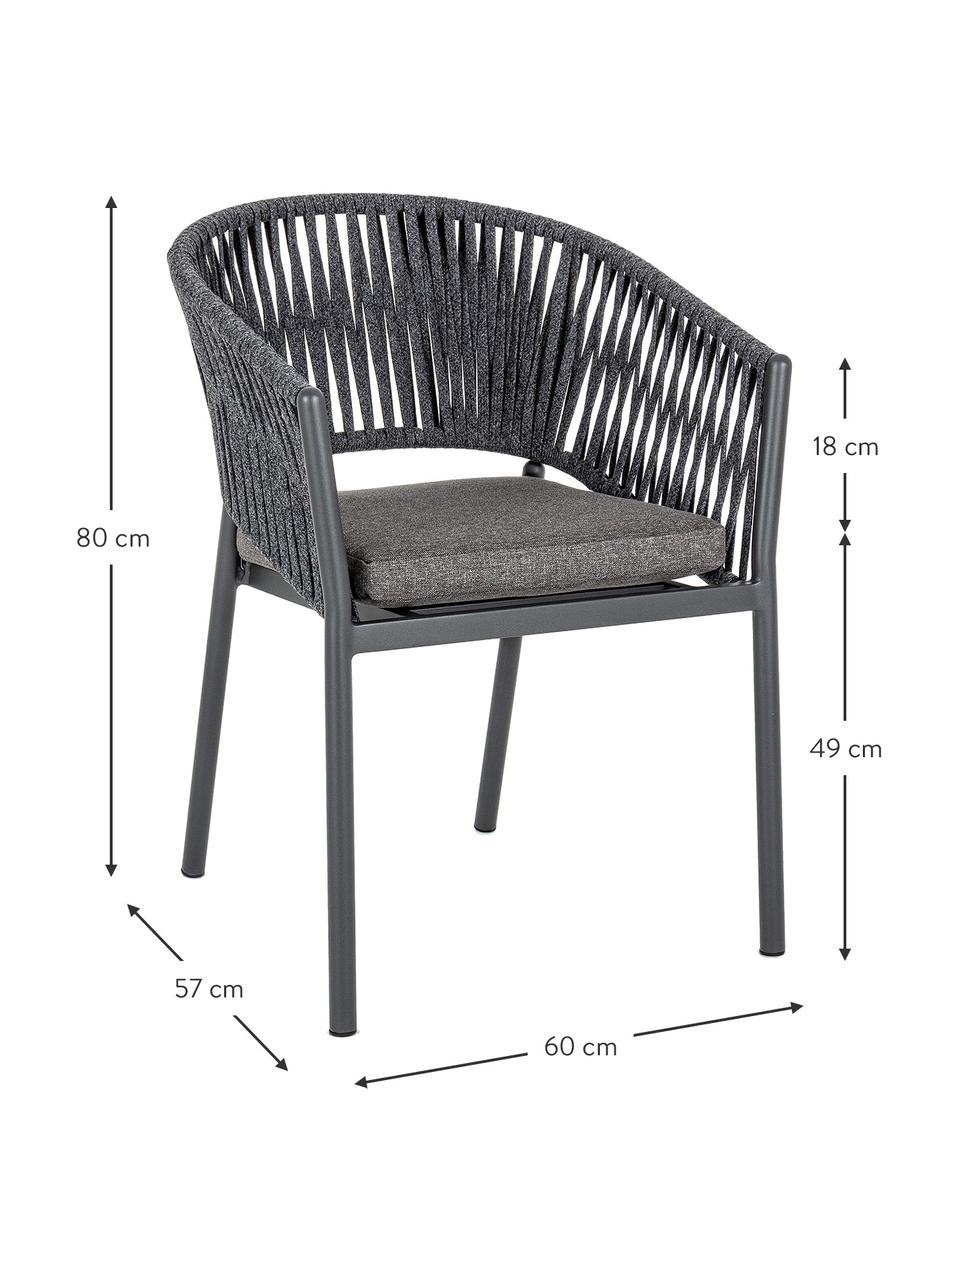 Sedia da giardino Florencia, Struttura: alluminio verniciato a po, Antracite, Larg. 60 x Alt. 80 cm